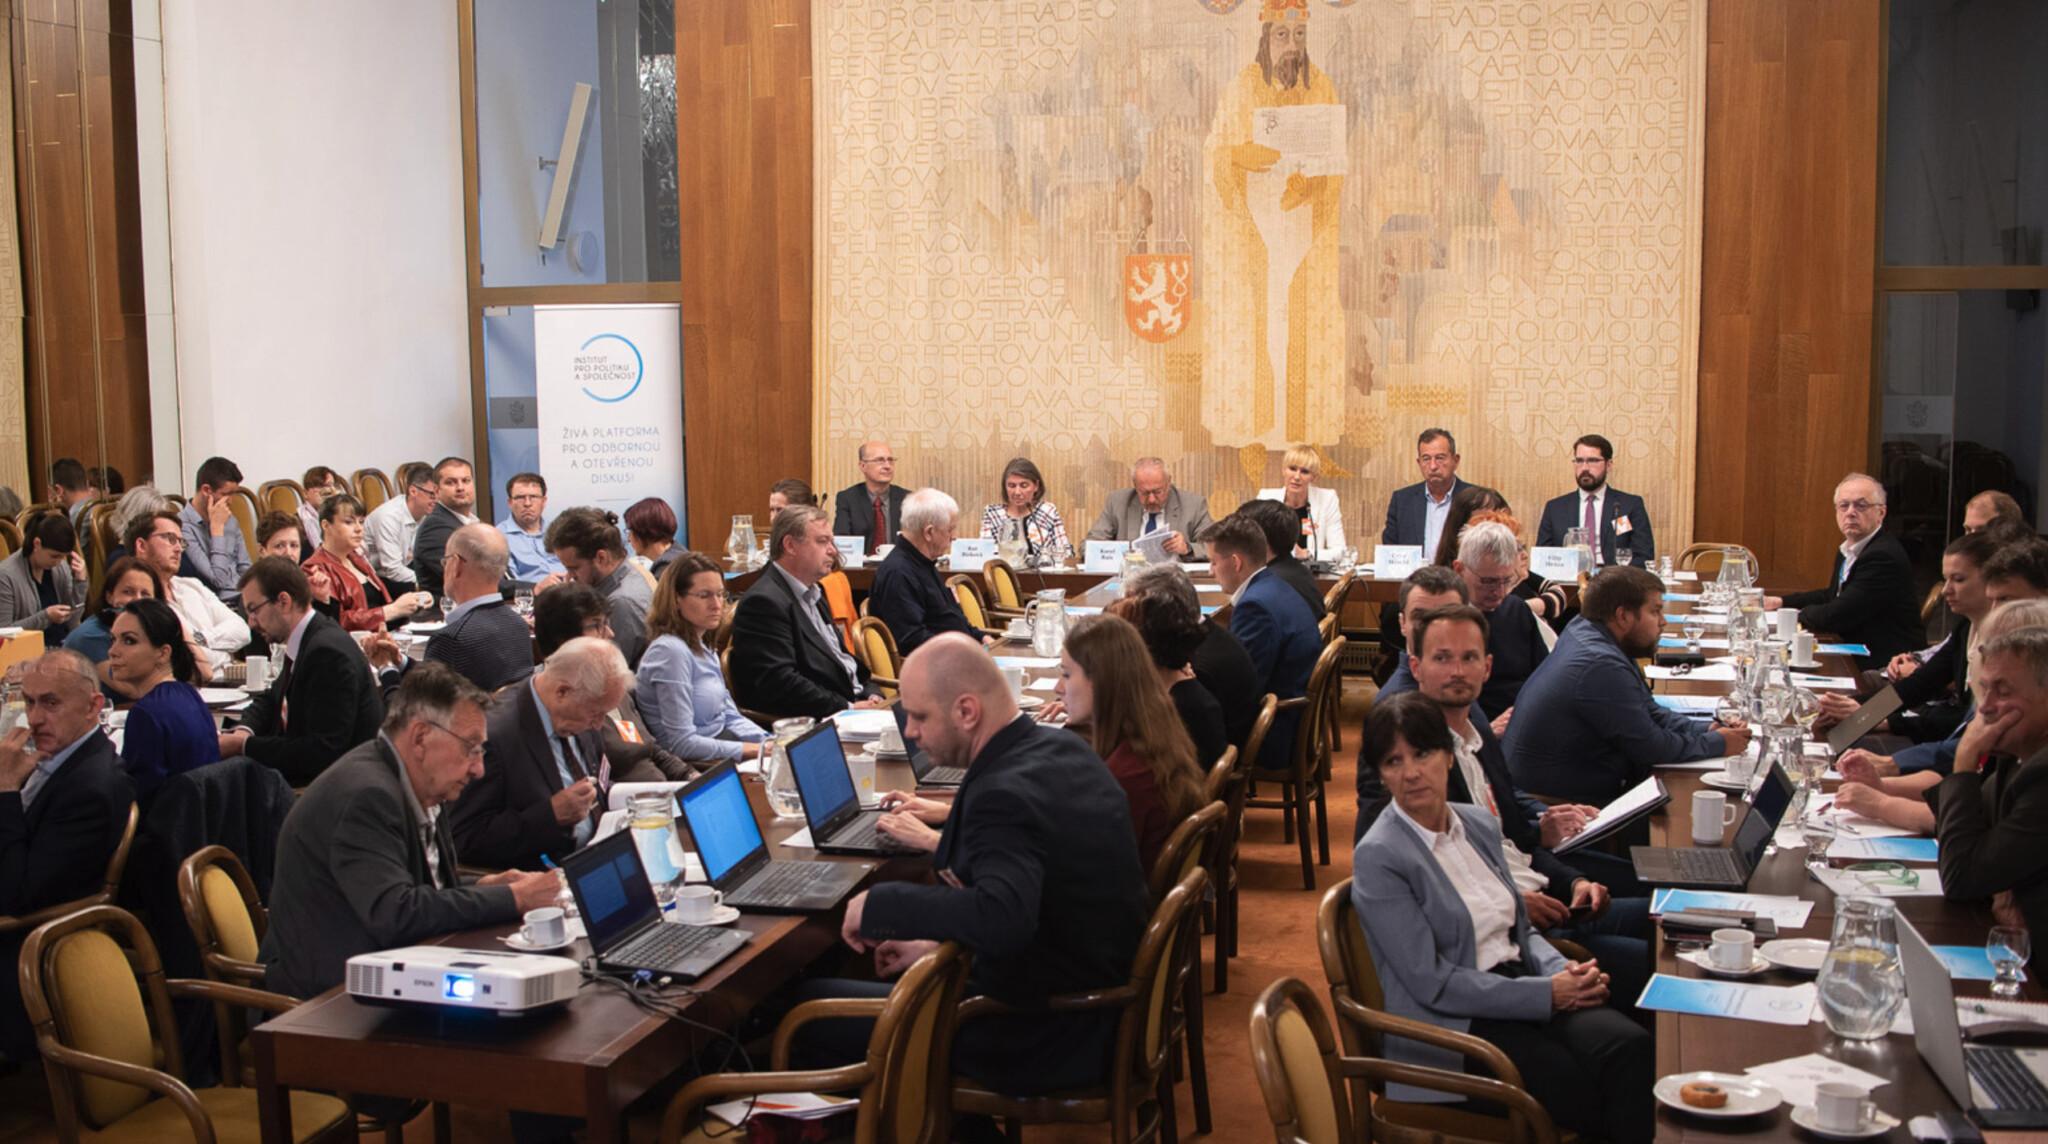 Digitální daň - silná pro a proti očima spotřebitelů, ekonomů, exportérů a IT sektoru